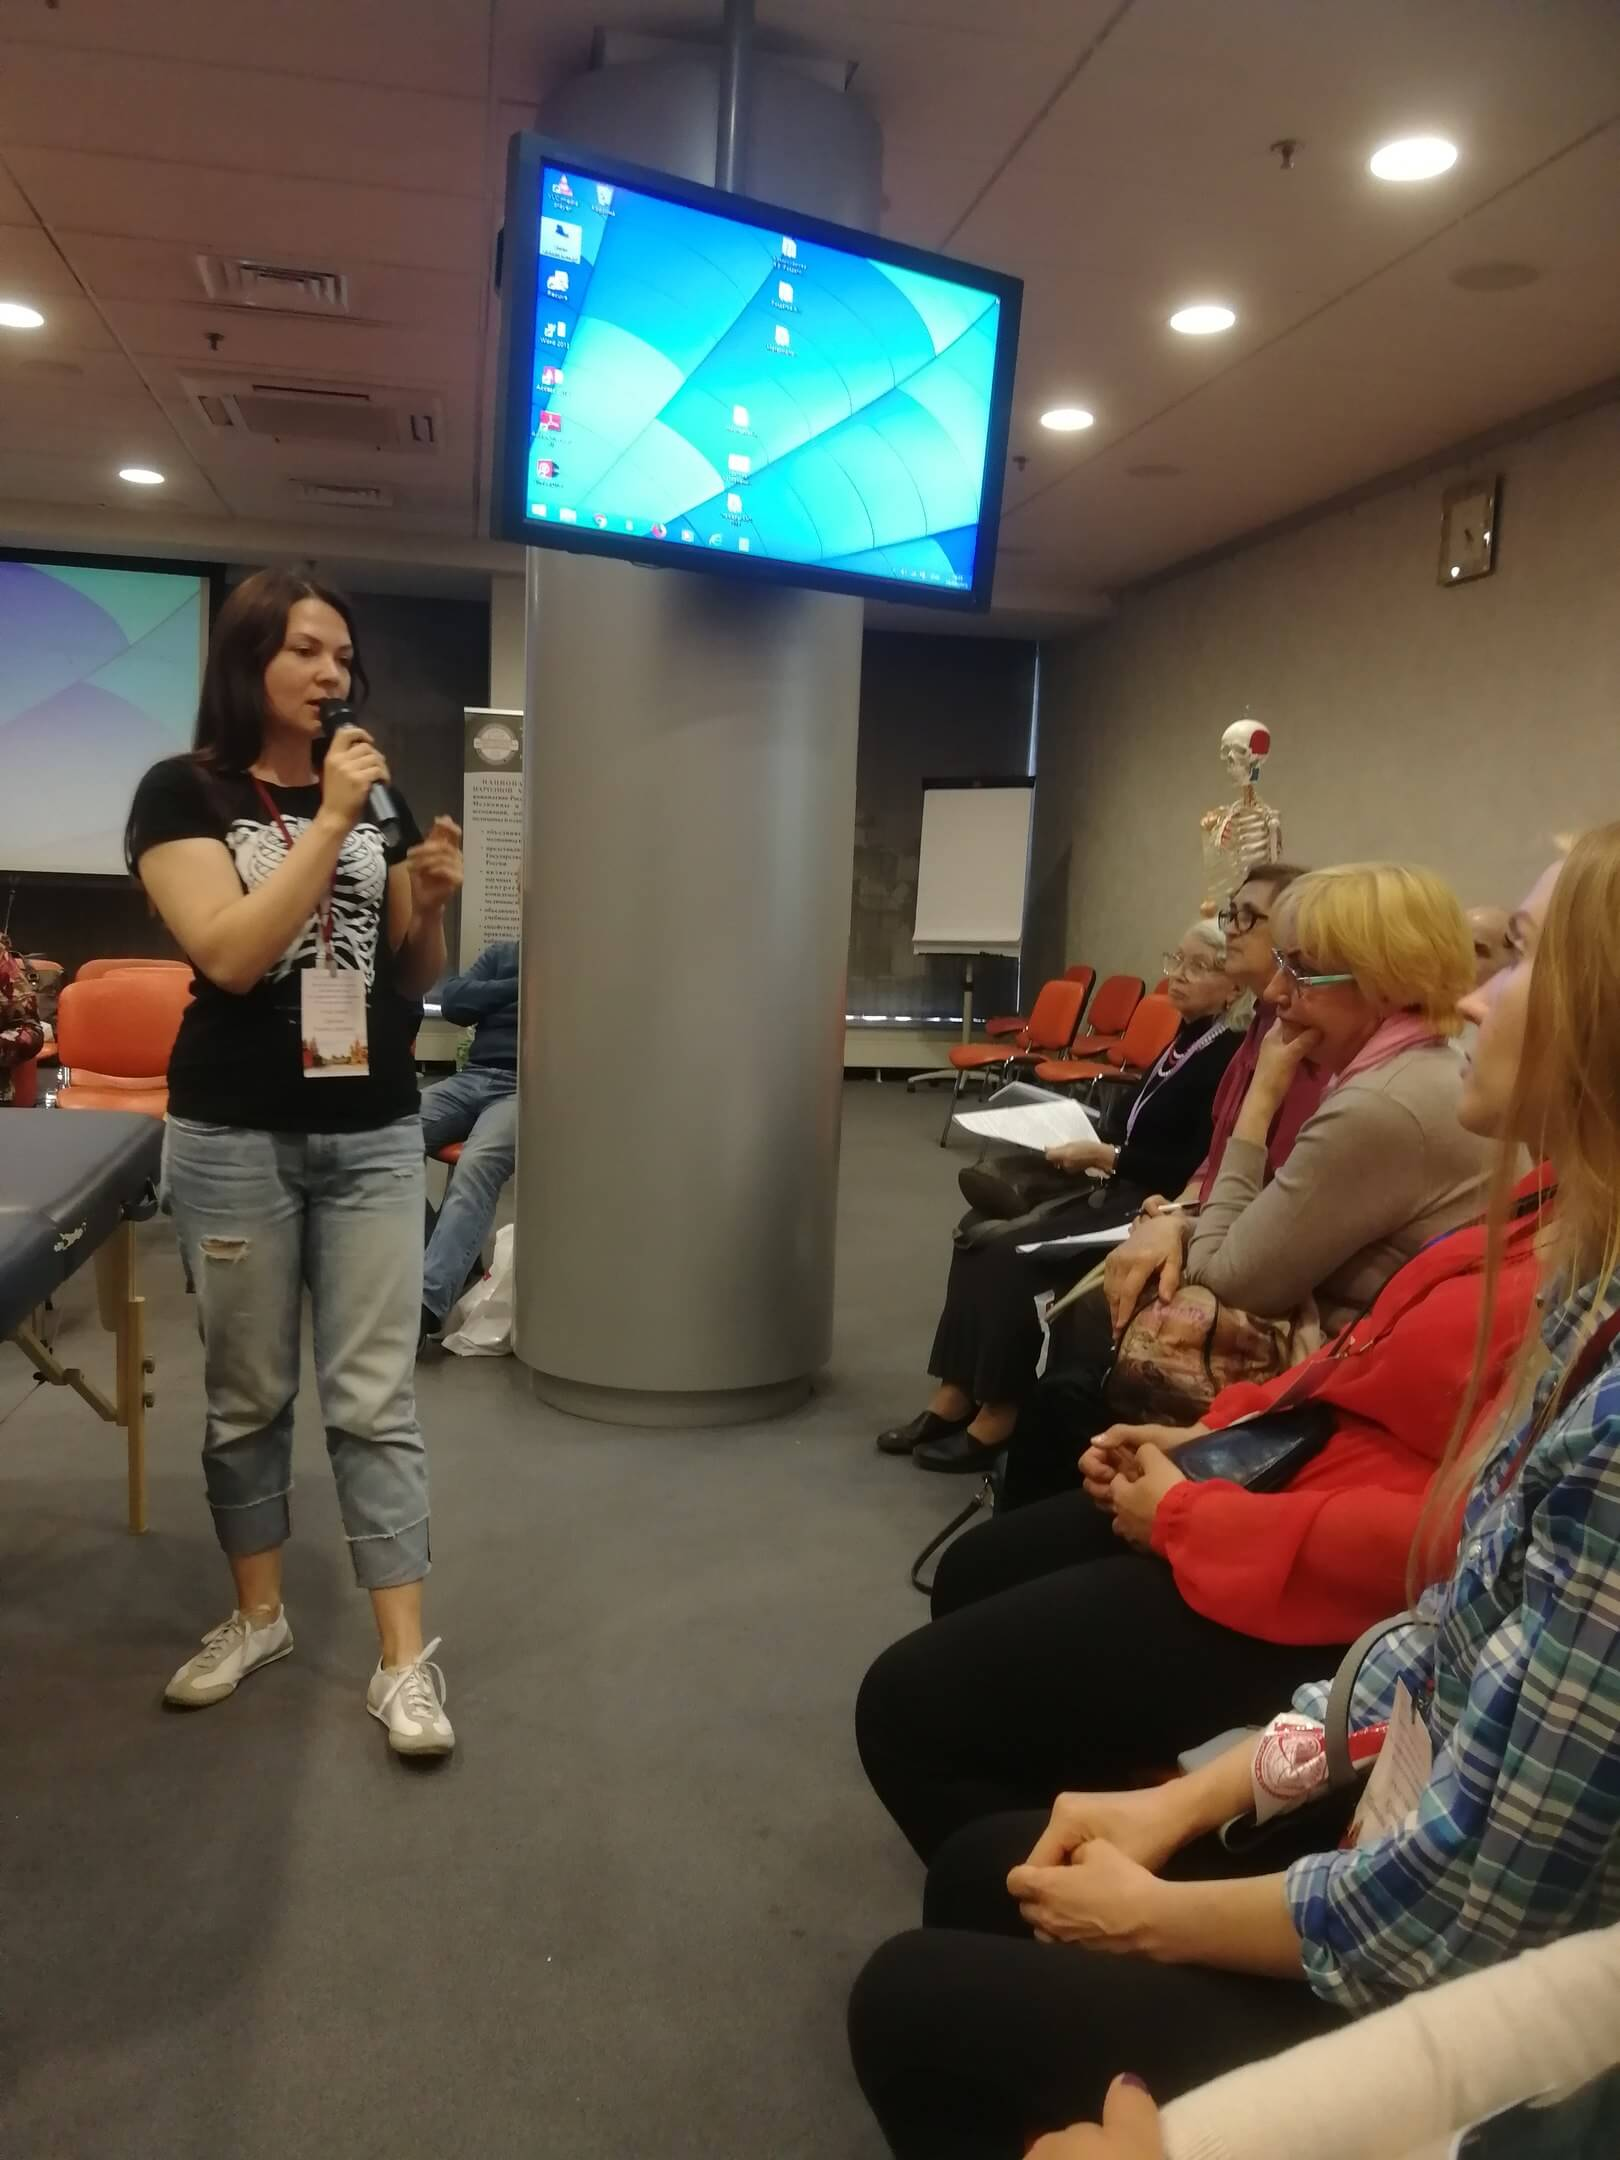 Творческая встреча специалистов по оздоровлению в Измайлово